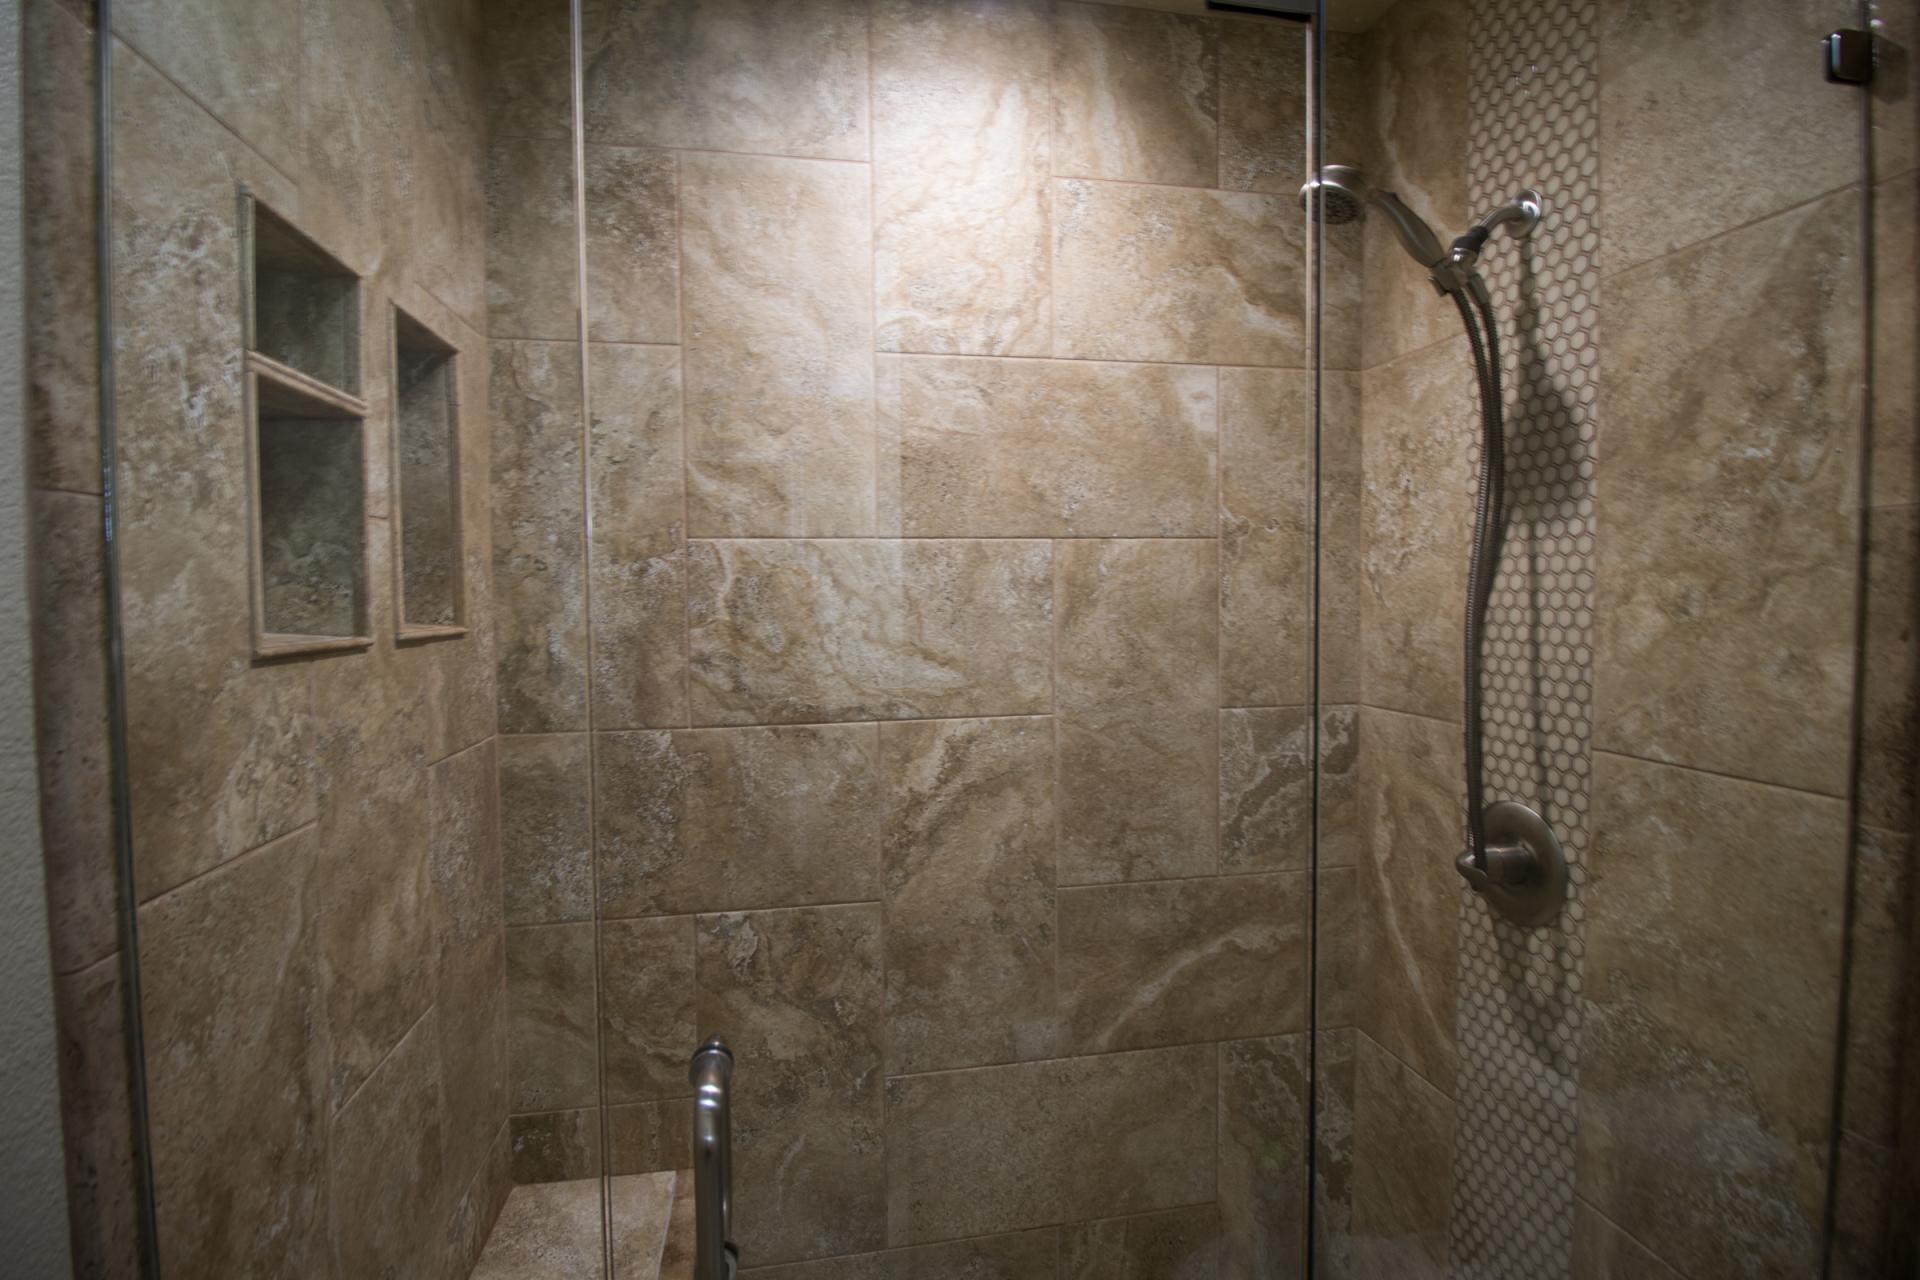 jarrell-signature-hall-bathroom-remodel-7